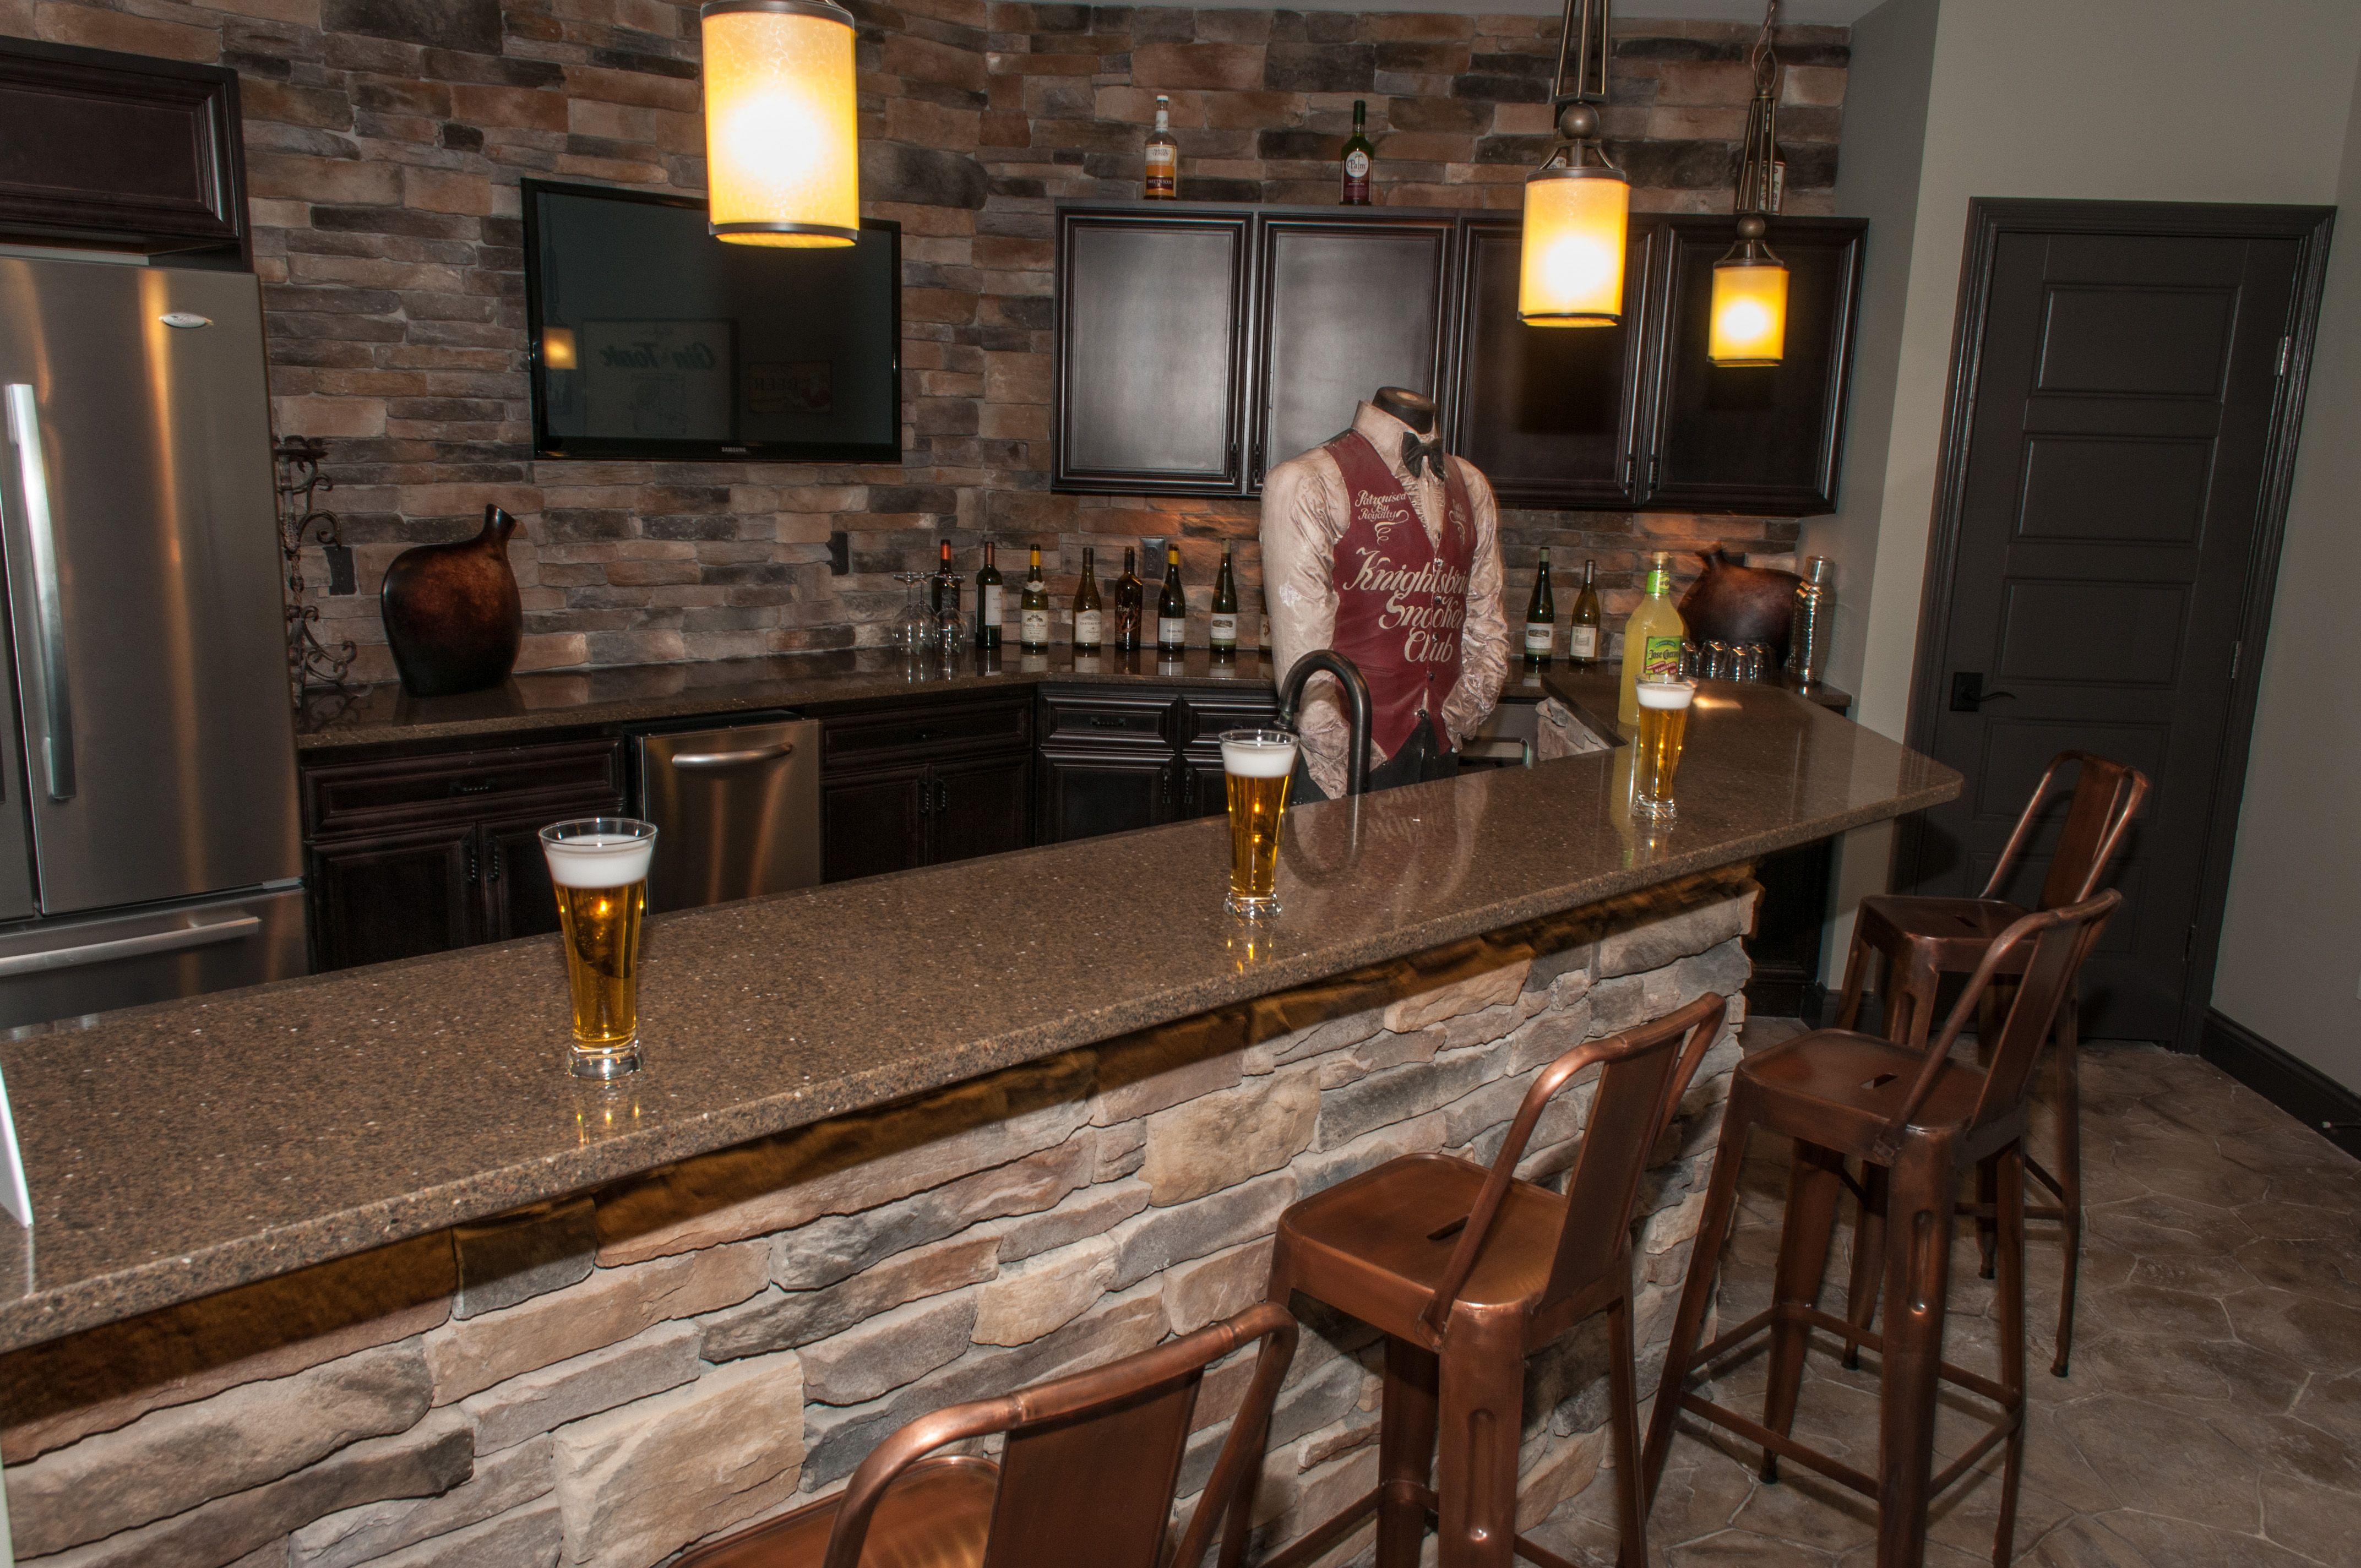 Fischer Homes Wheatland Finished Basement Bar Area Finished Basement Bars Finishing Basement Basement Bar Plans